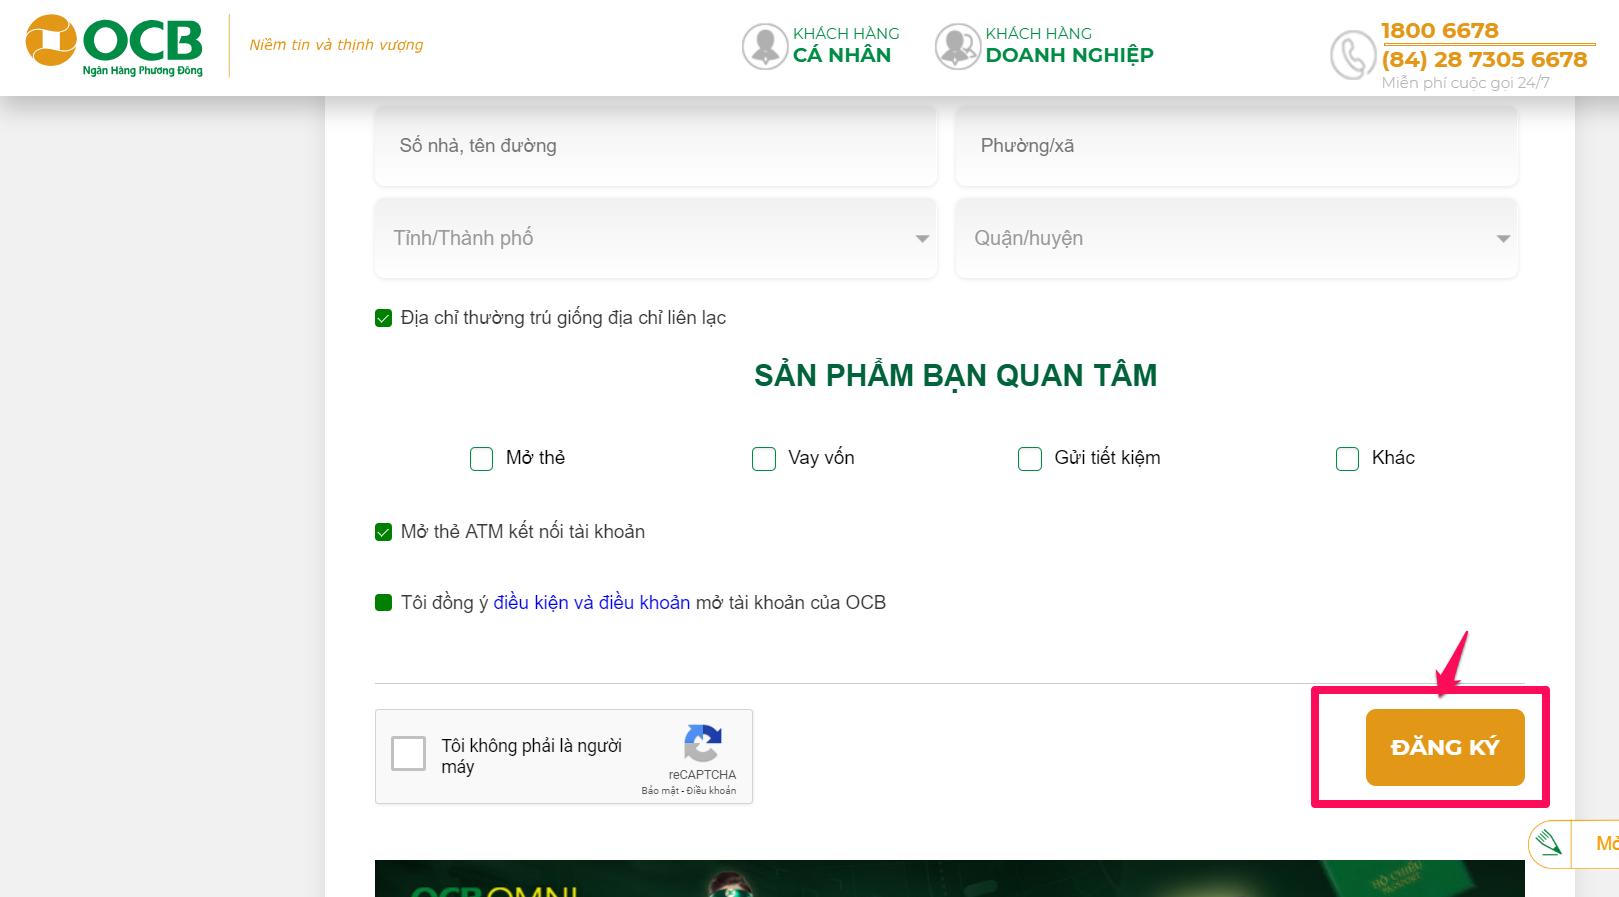 Ngân hàng Phương Đông (OCB): ocb.com.vn/vi/dang-ky-ca-nhan.html